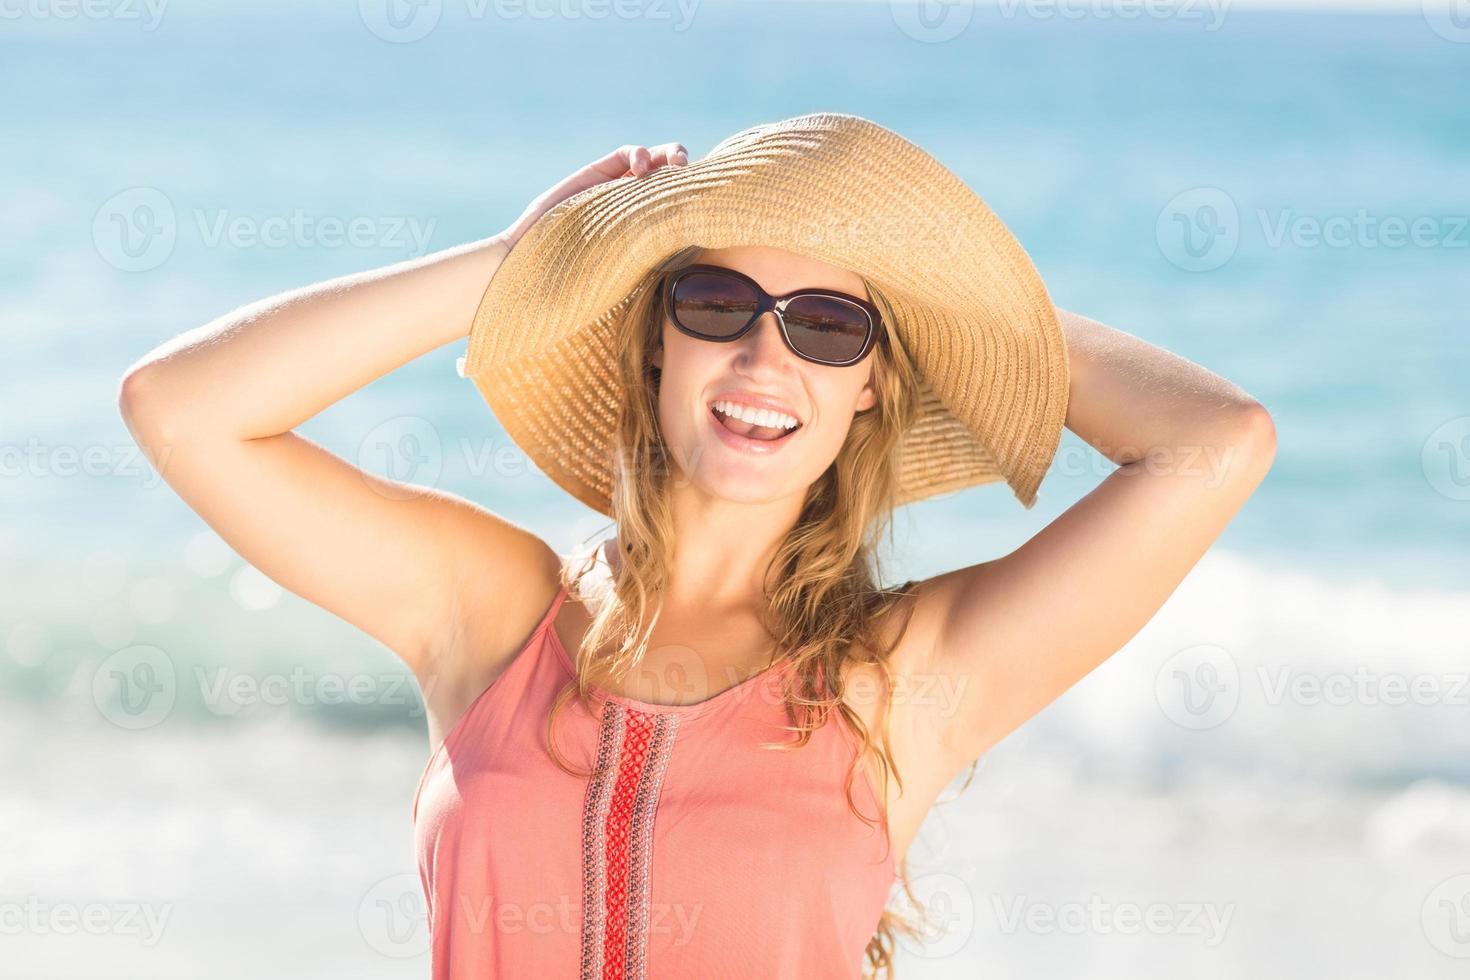 loira bonita com chapéu de palha olhando para a câmera foto